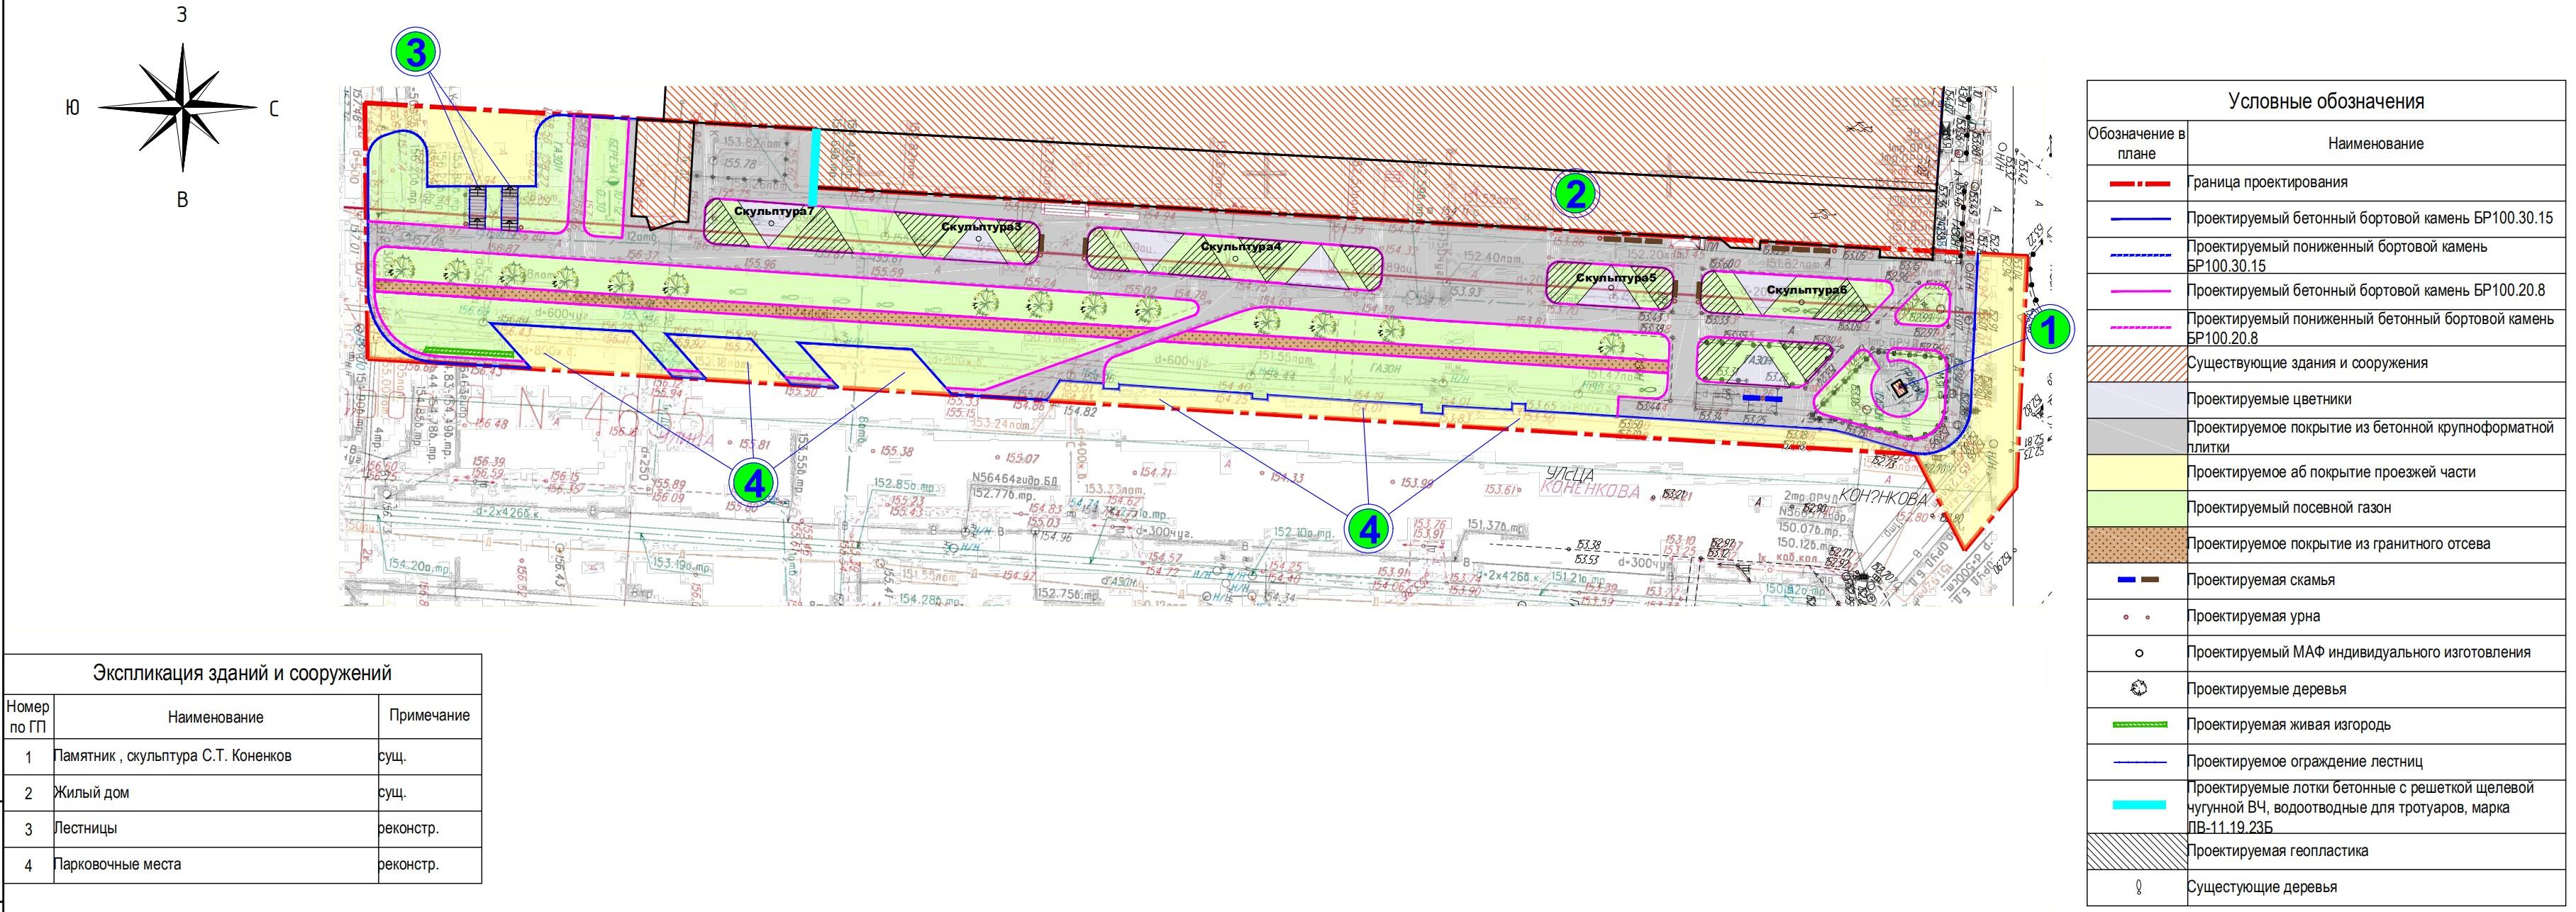 план реконструкции.jpg